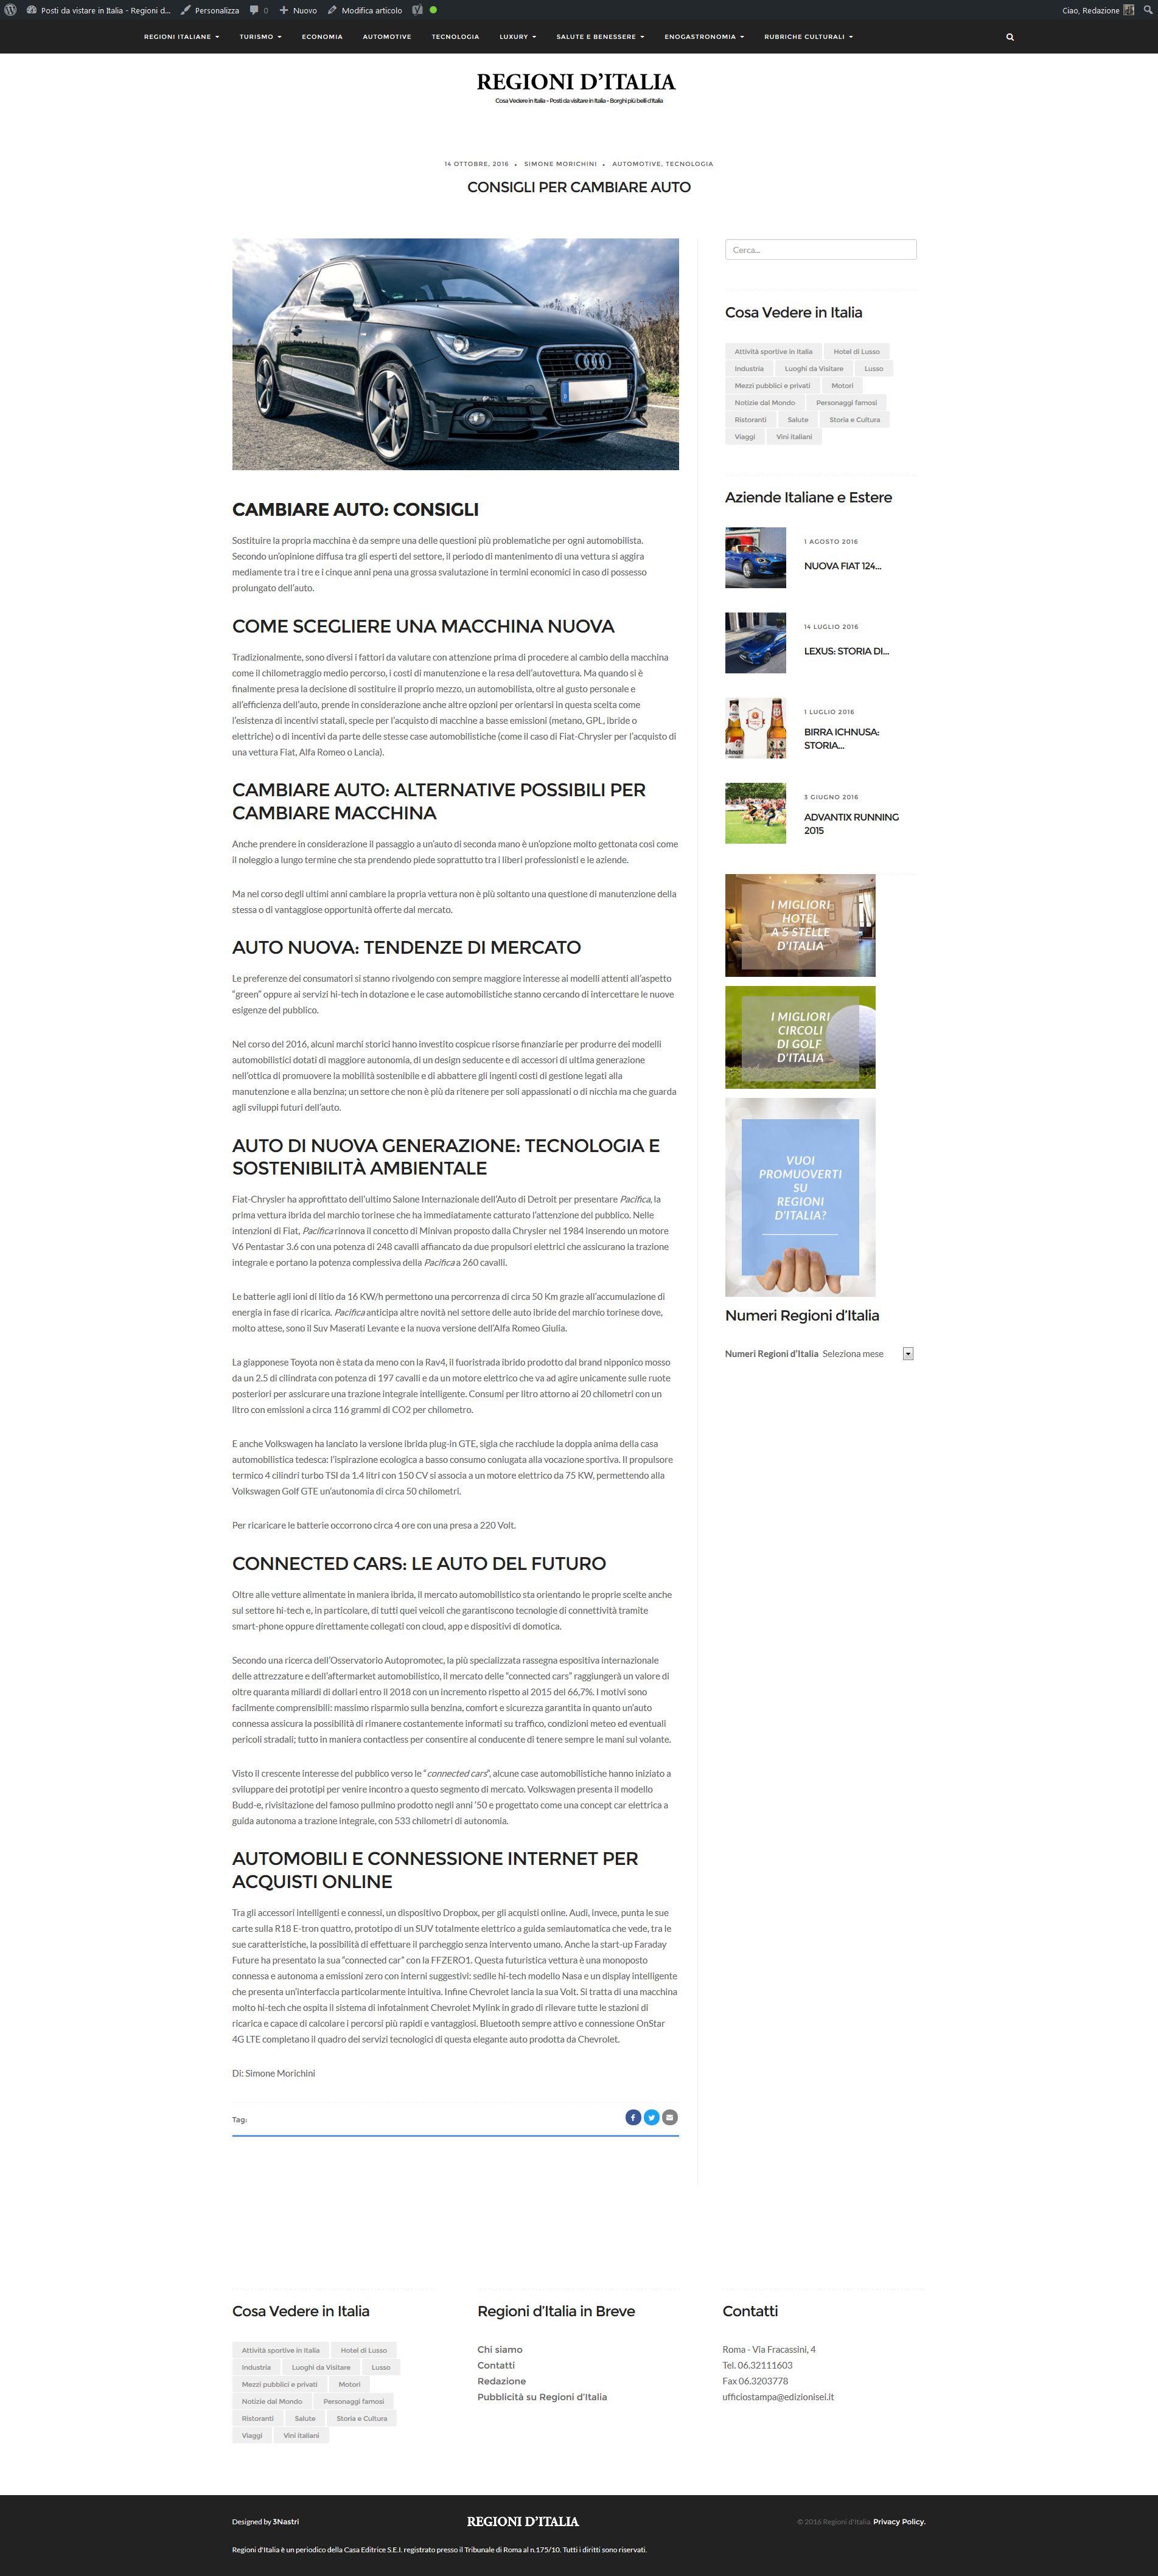 regioniditalia-singolo-articolo